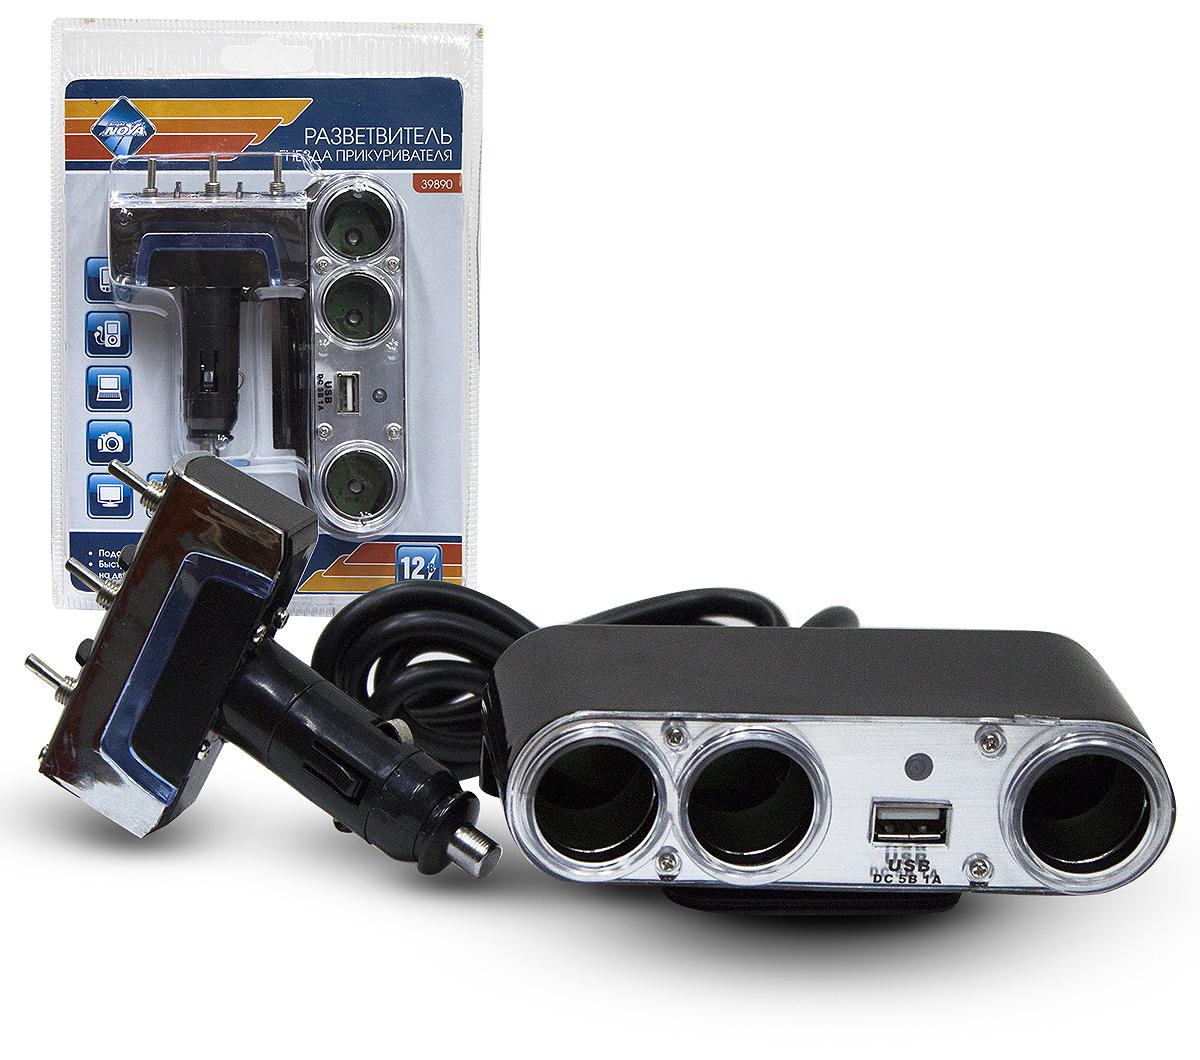 Разветвитель гнезда прикуривателя Nova Bright с тумблерами, 3 гнезда, 1 USB-порт, со светодиодной подсветкой, 12 В разветвитель прикуривателя avs cs211u со светодиодной подсветкой 2 выхода usb 12 24в